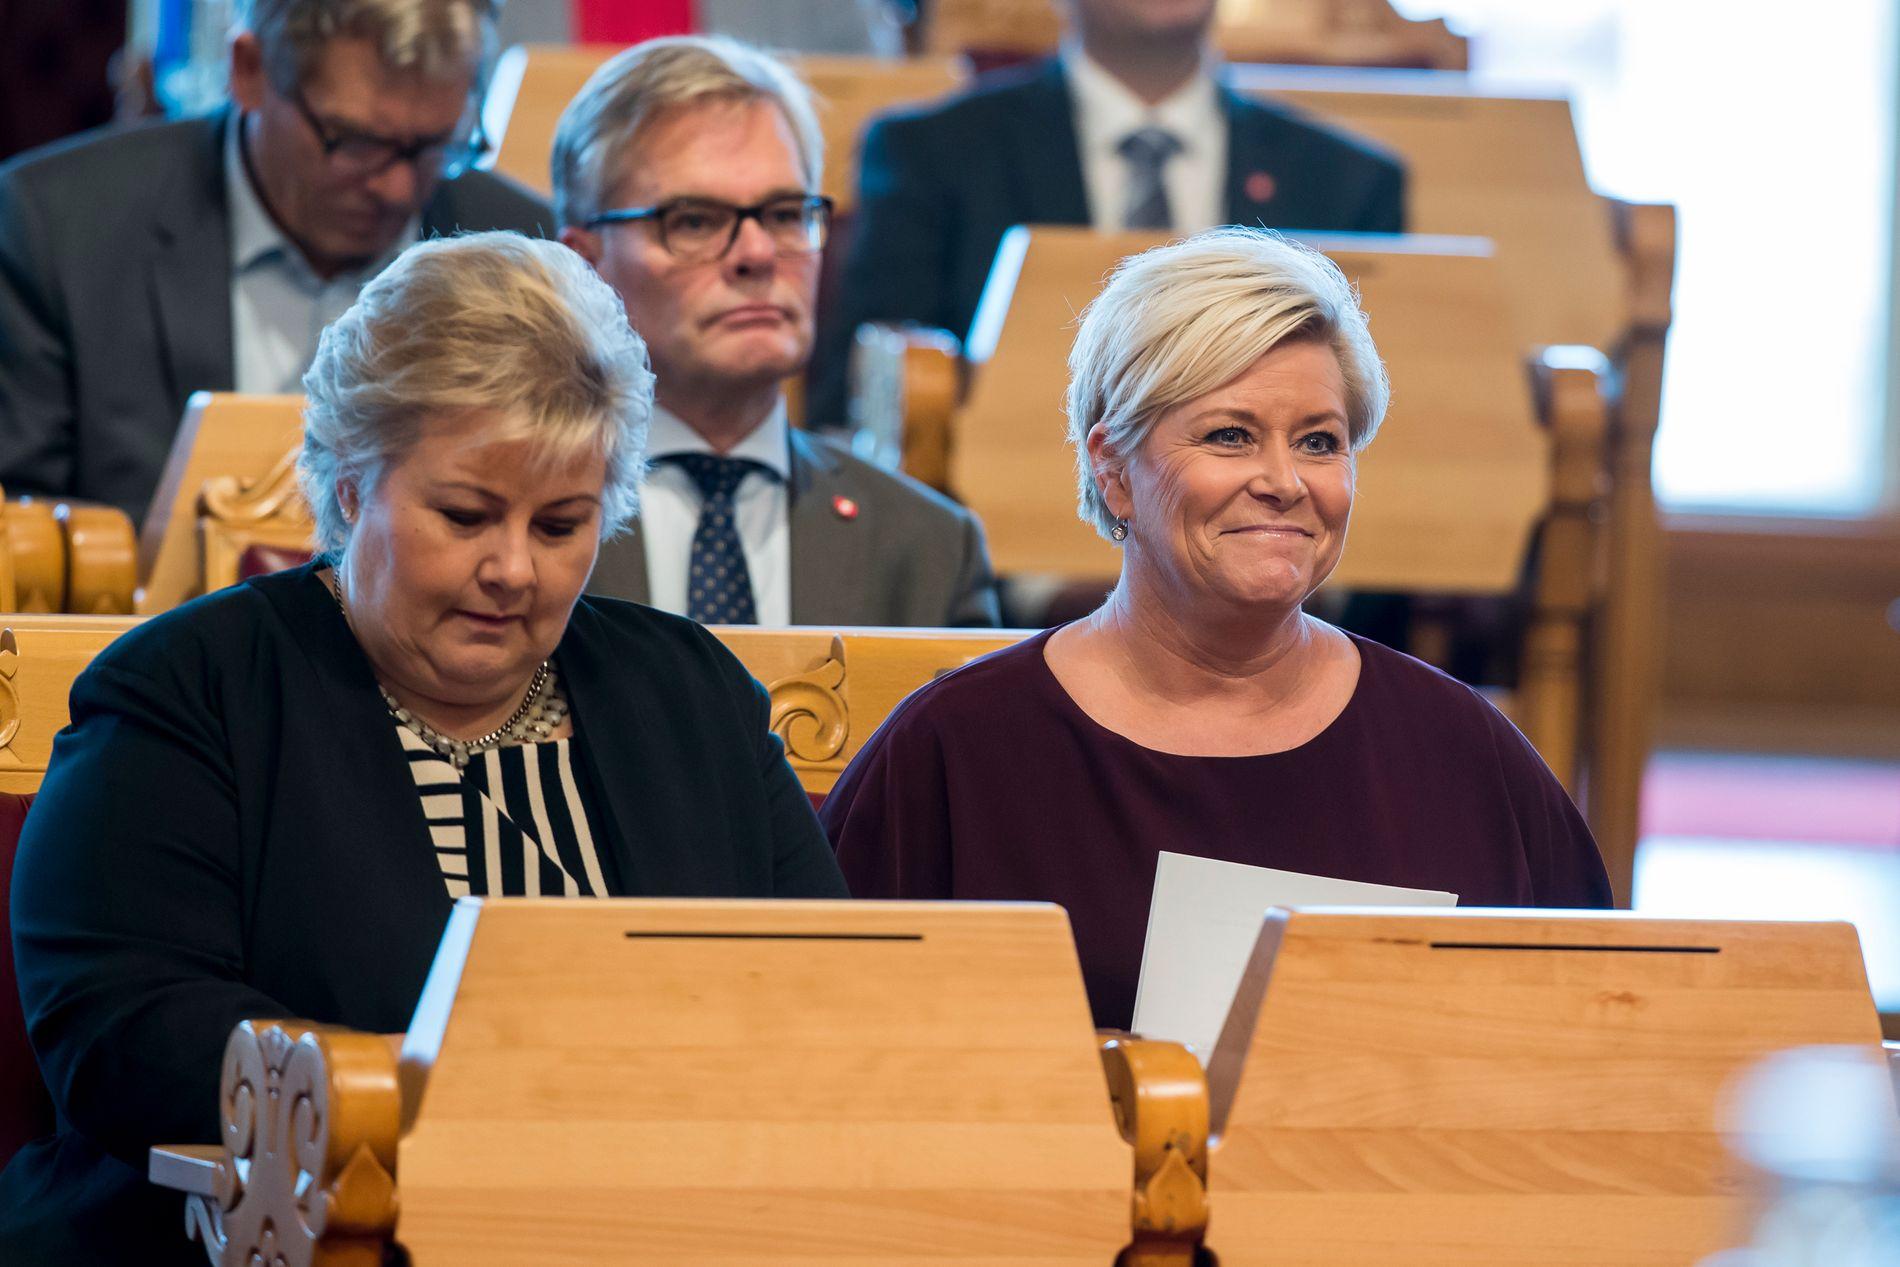 Statsminister Erna Solberg og finansminister Siv Jensen (Frp) kan begge glede seg over gode målinger. Foto: Heiko Junge / NTB scanpix